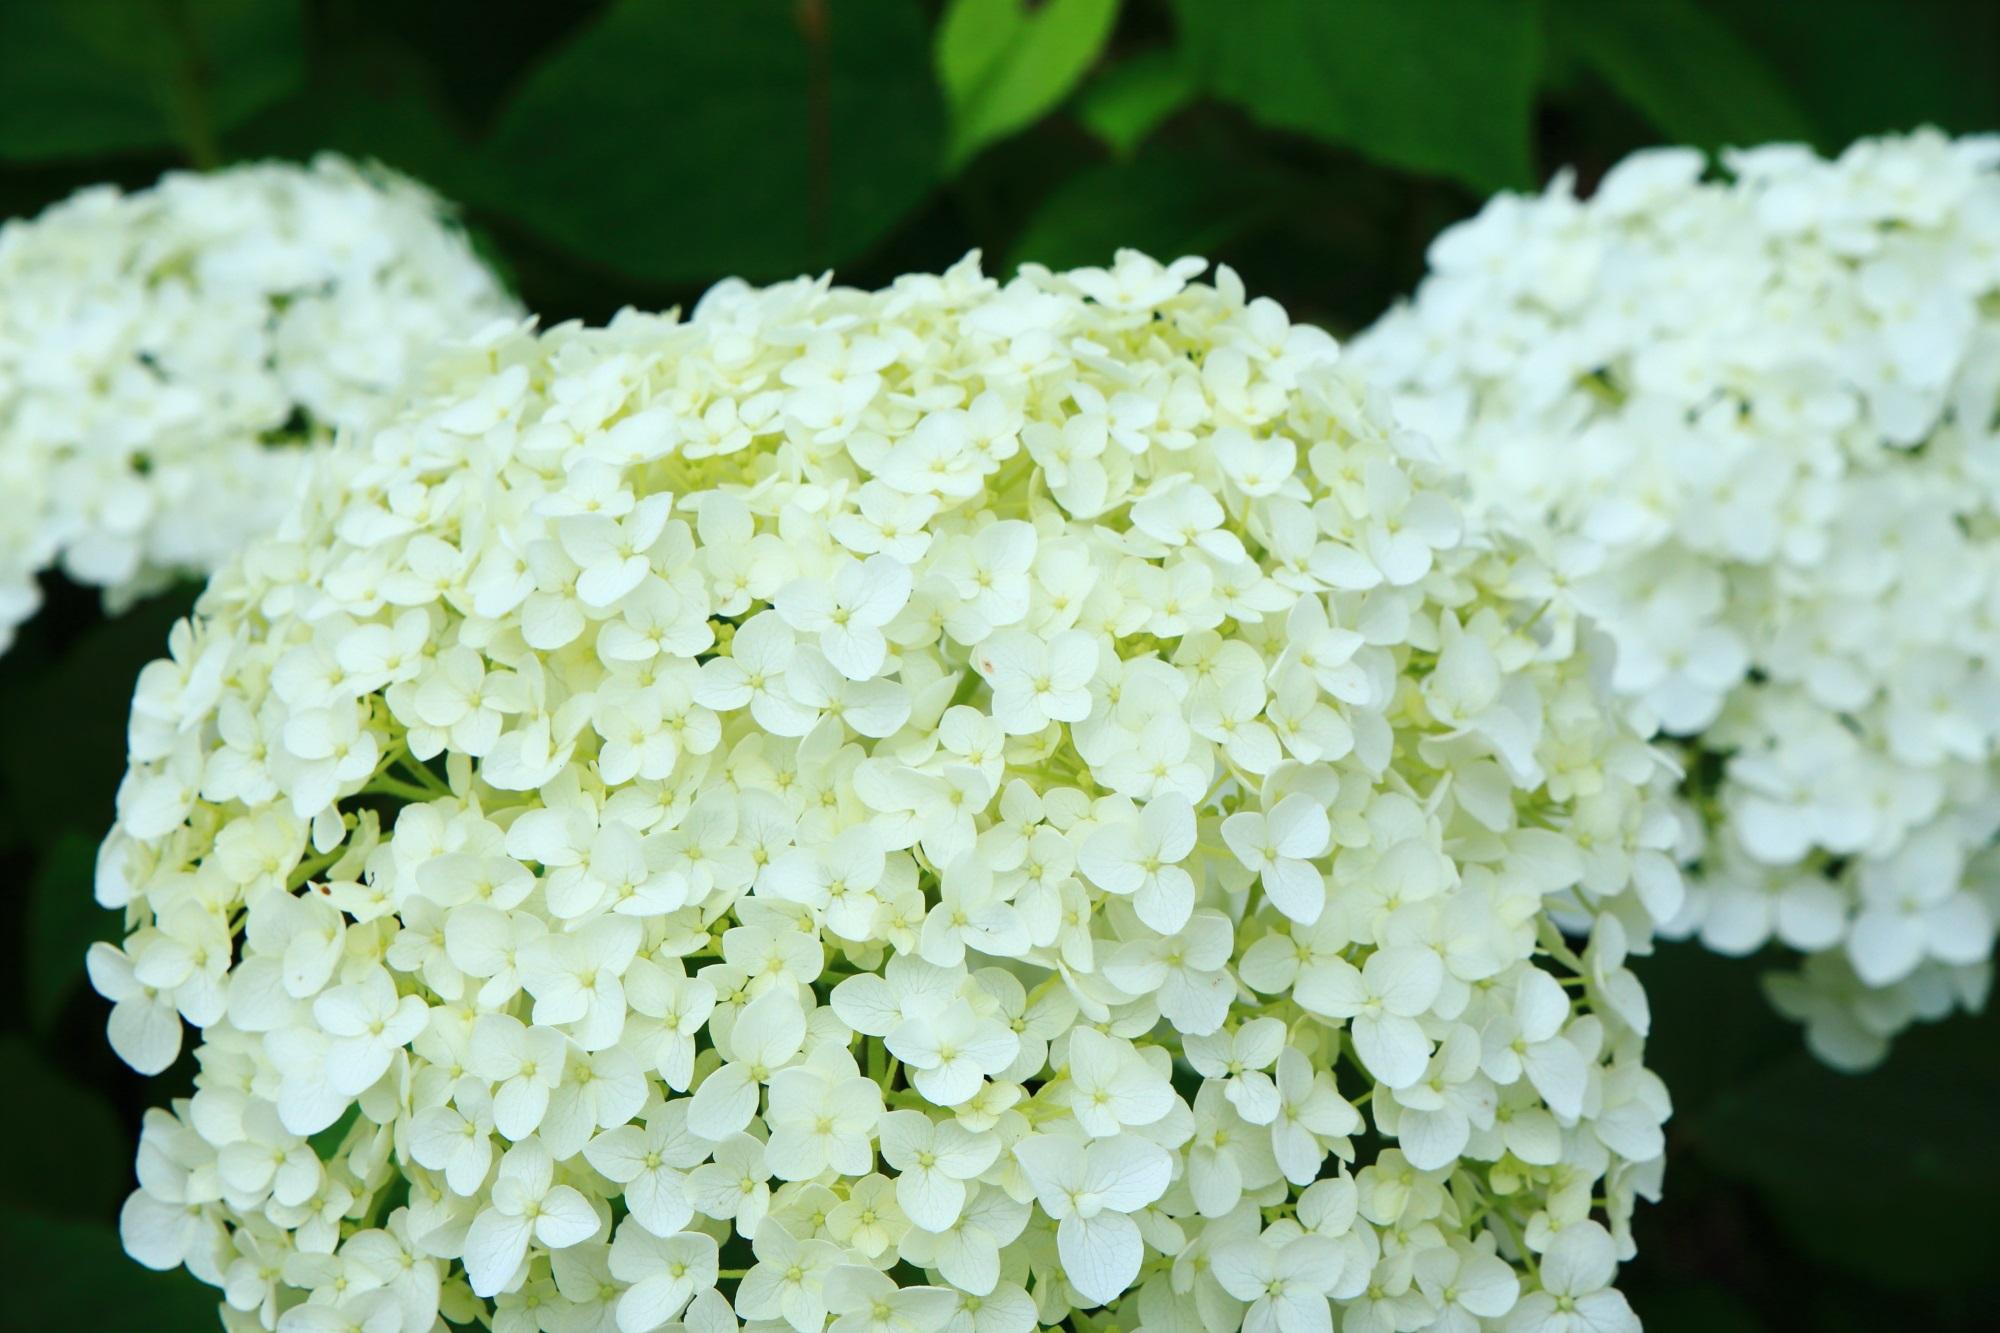 舞鶴自然文化園の爽やかで華やかな白い紫陽花